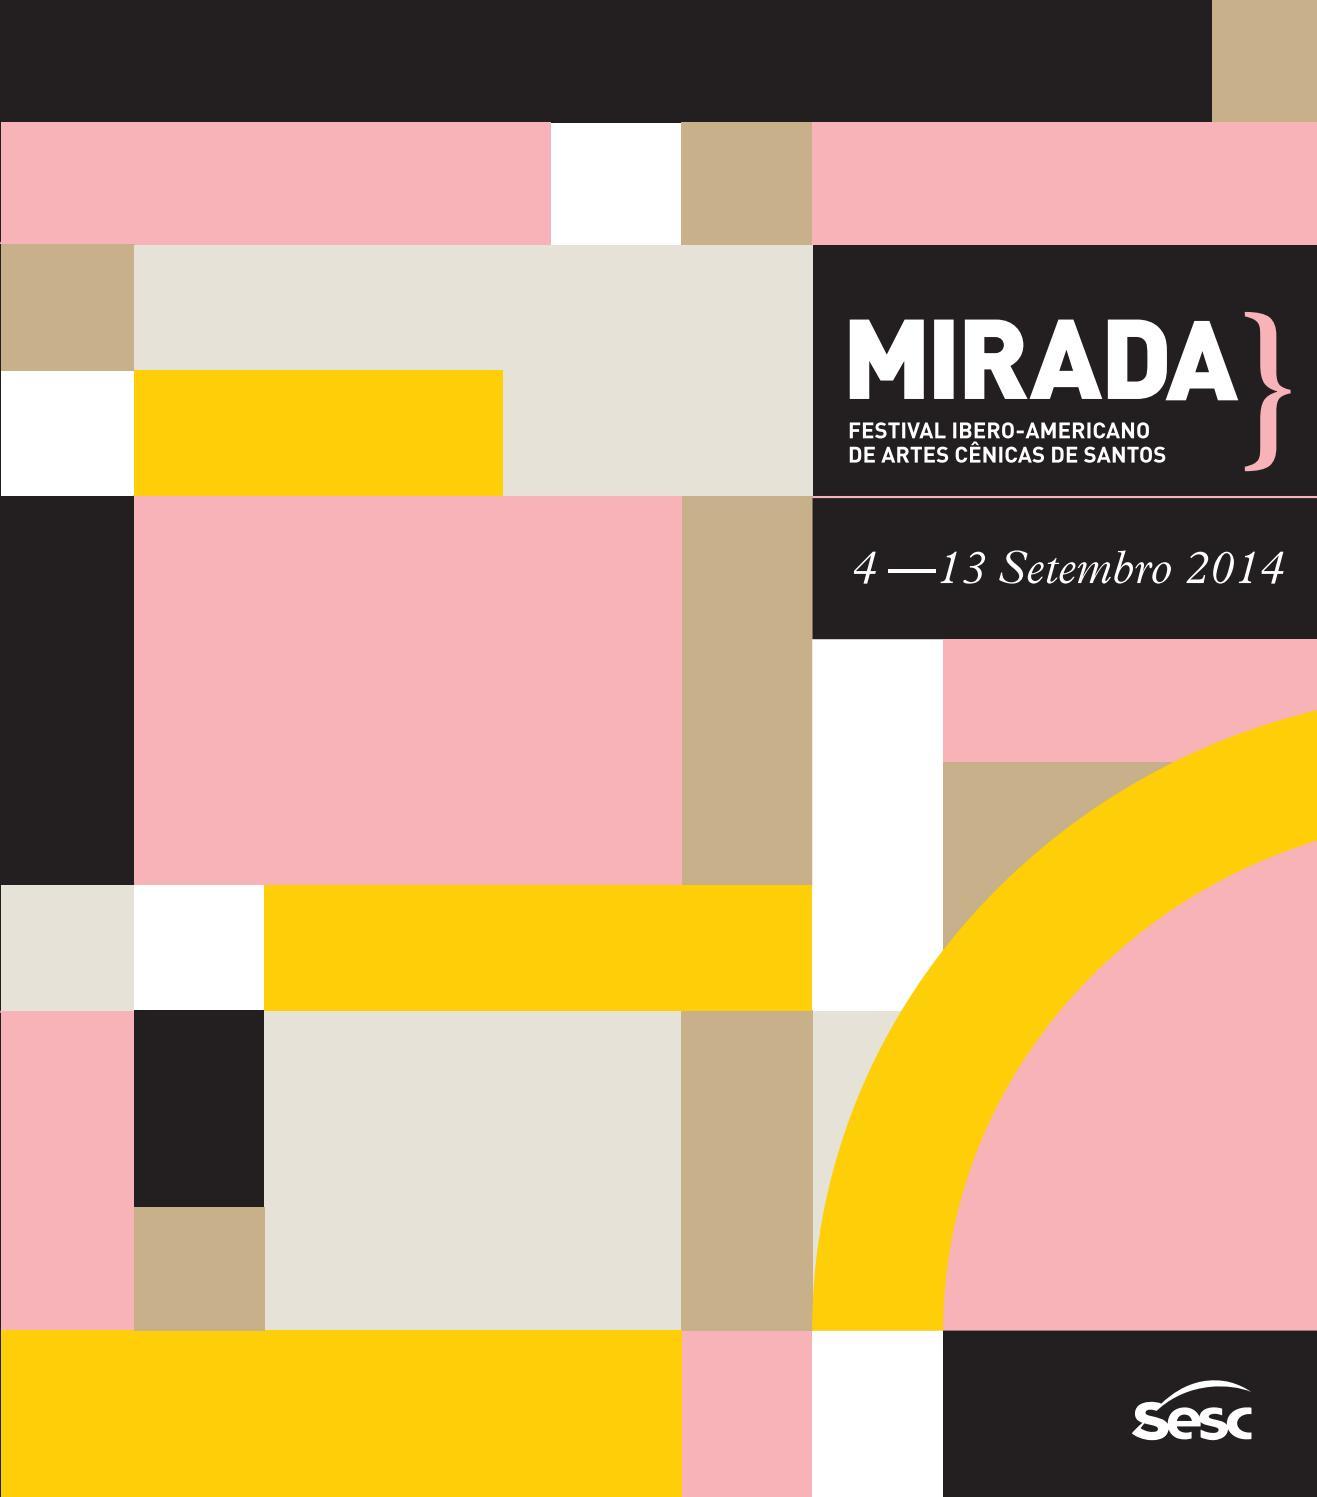 7d565977071b3 Catálogo - Mirada 2014 by Sesc em São Paulo - issuu